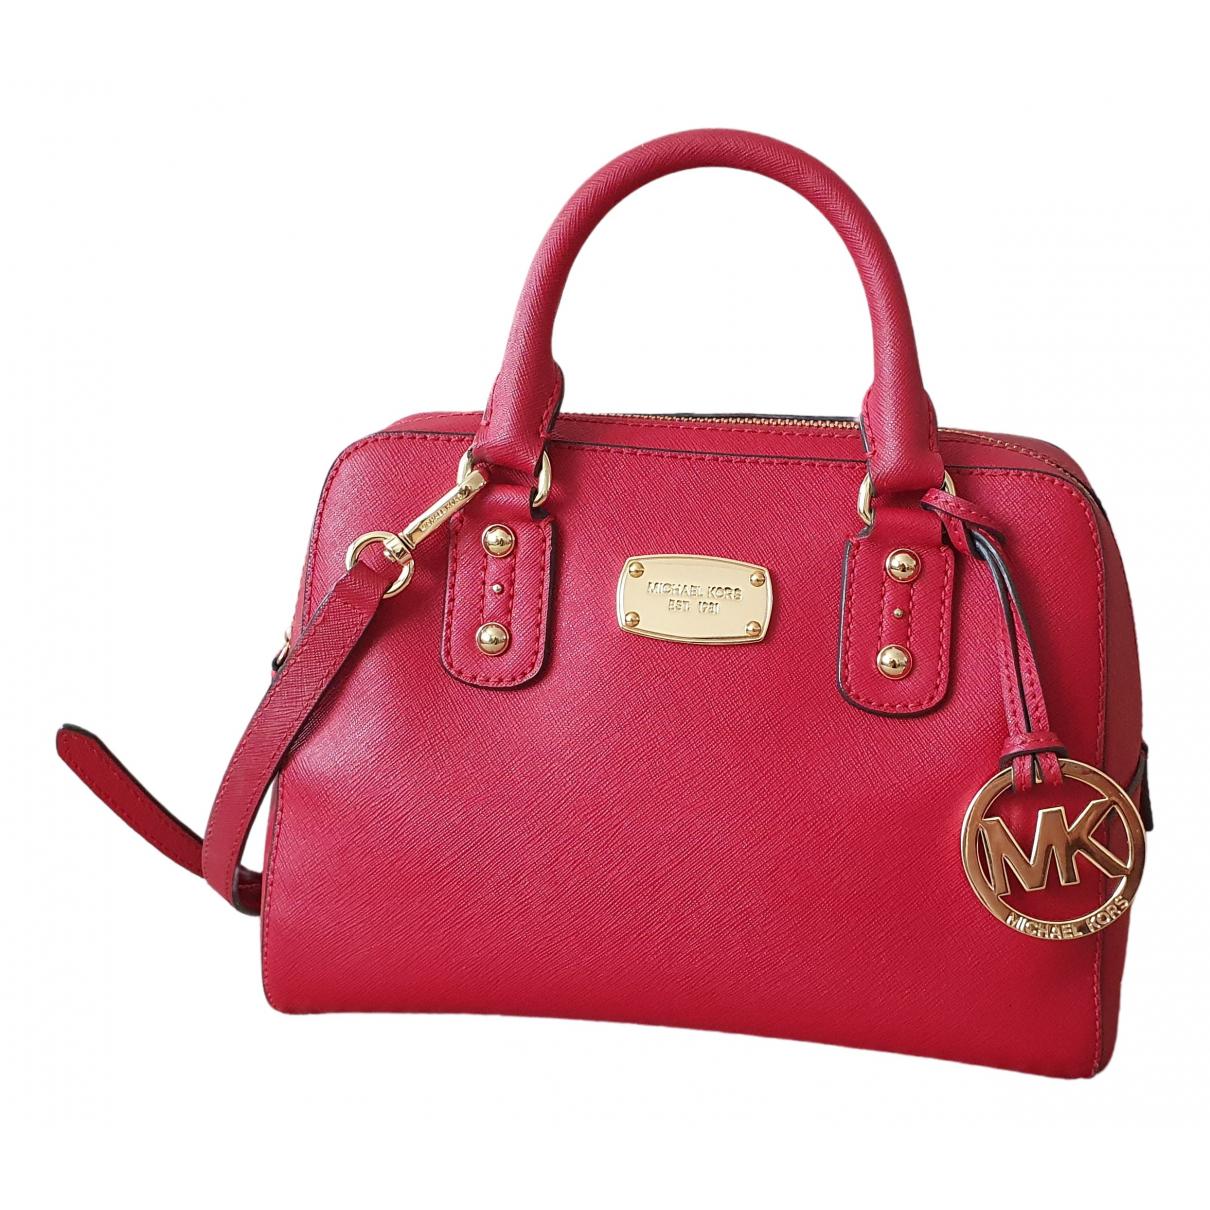 Michael Kors N Red Leather handbag for Women N